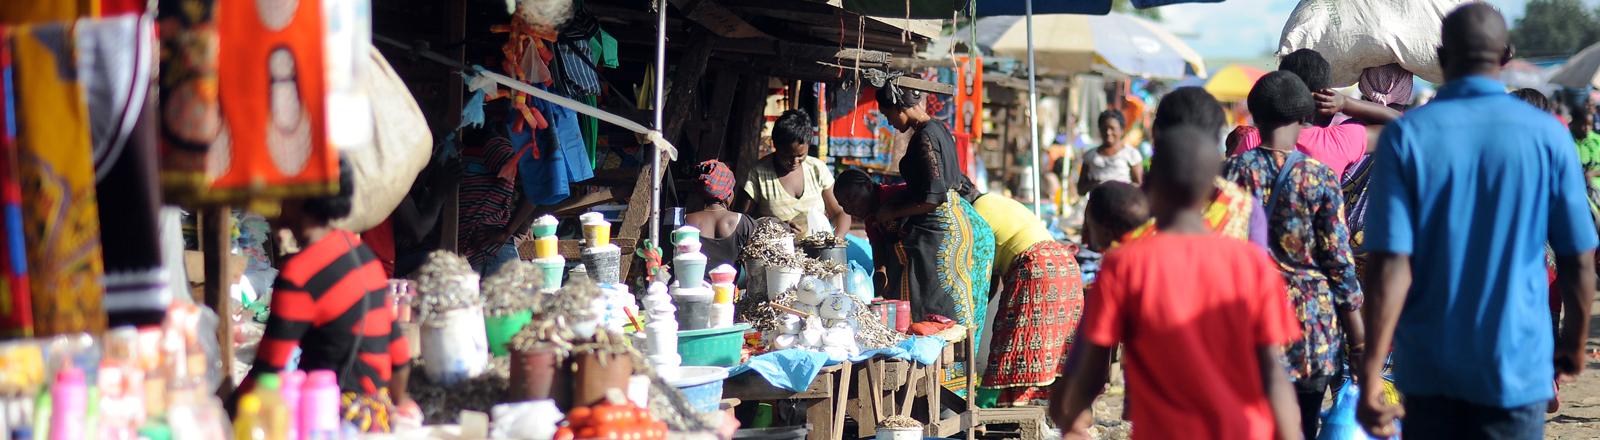 Ein Markt in Sambia.